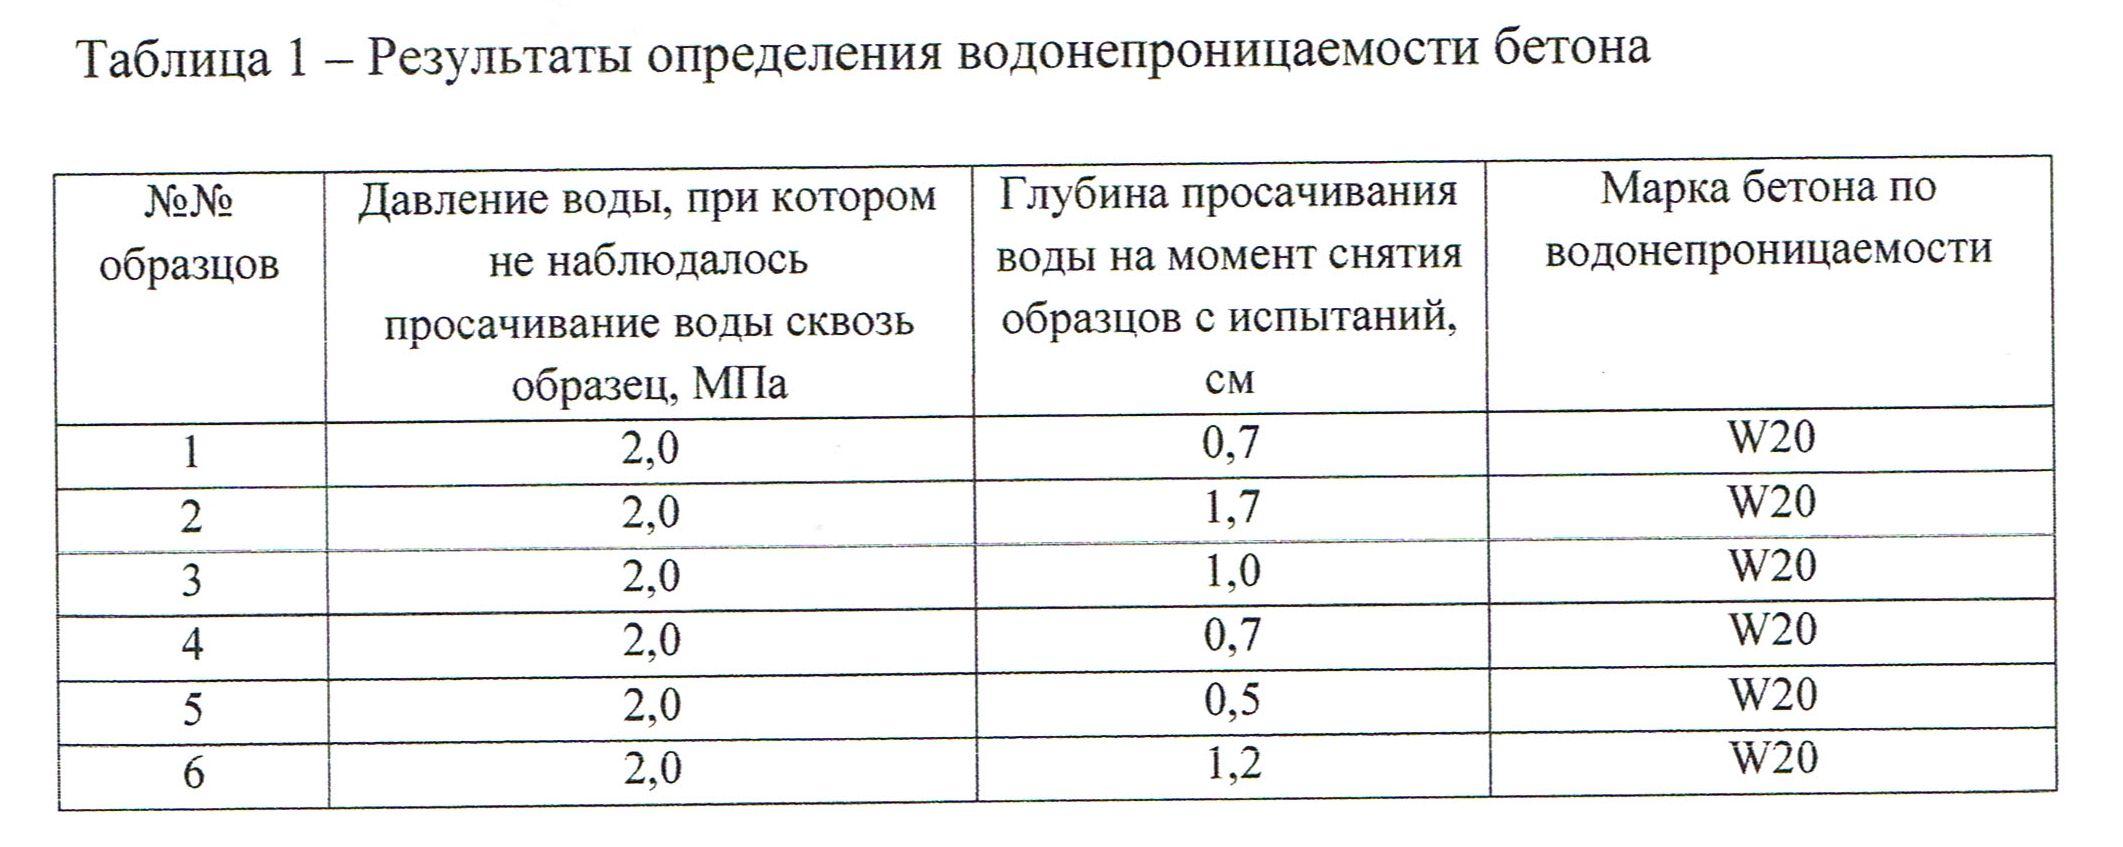 Результаты испытаний Дегидрола 5 в НИИЖБ на водонепроницаемость и морозостойкость (протокол от 01.03.2019)